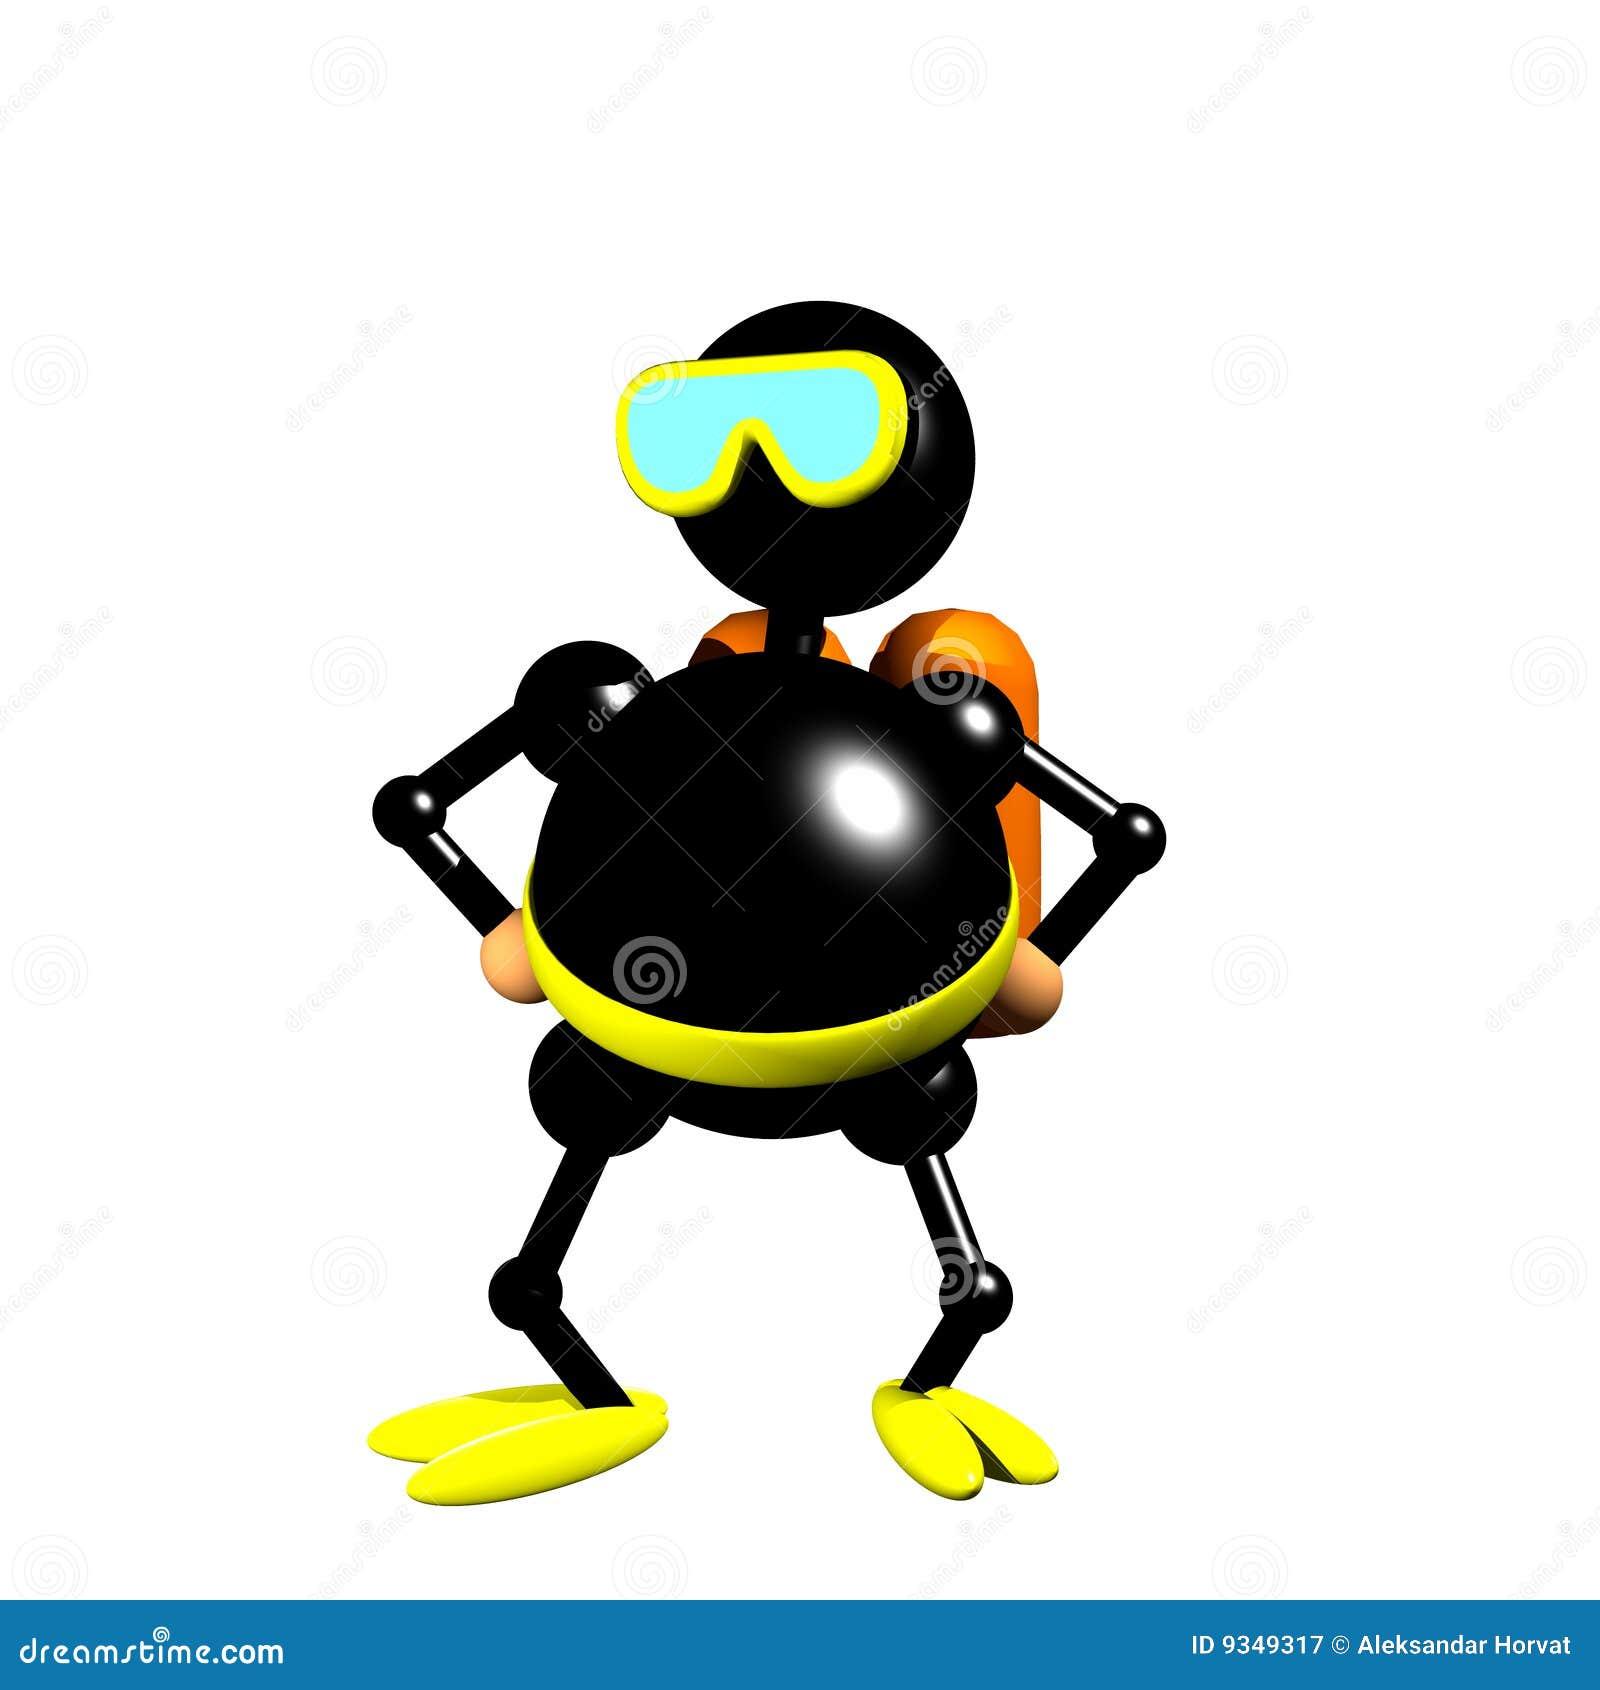 Scuba Diver Clipart Stock Photos, Images, & Pictures - 97 Images